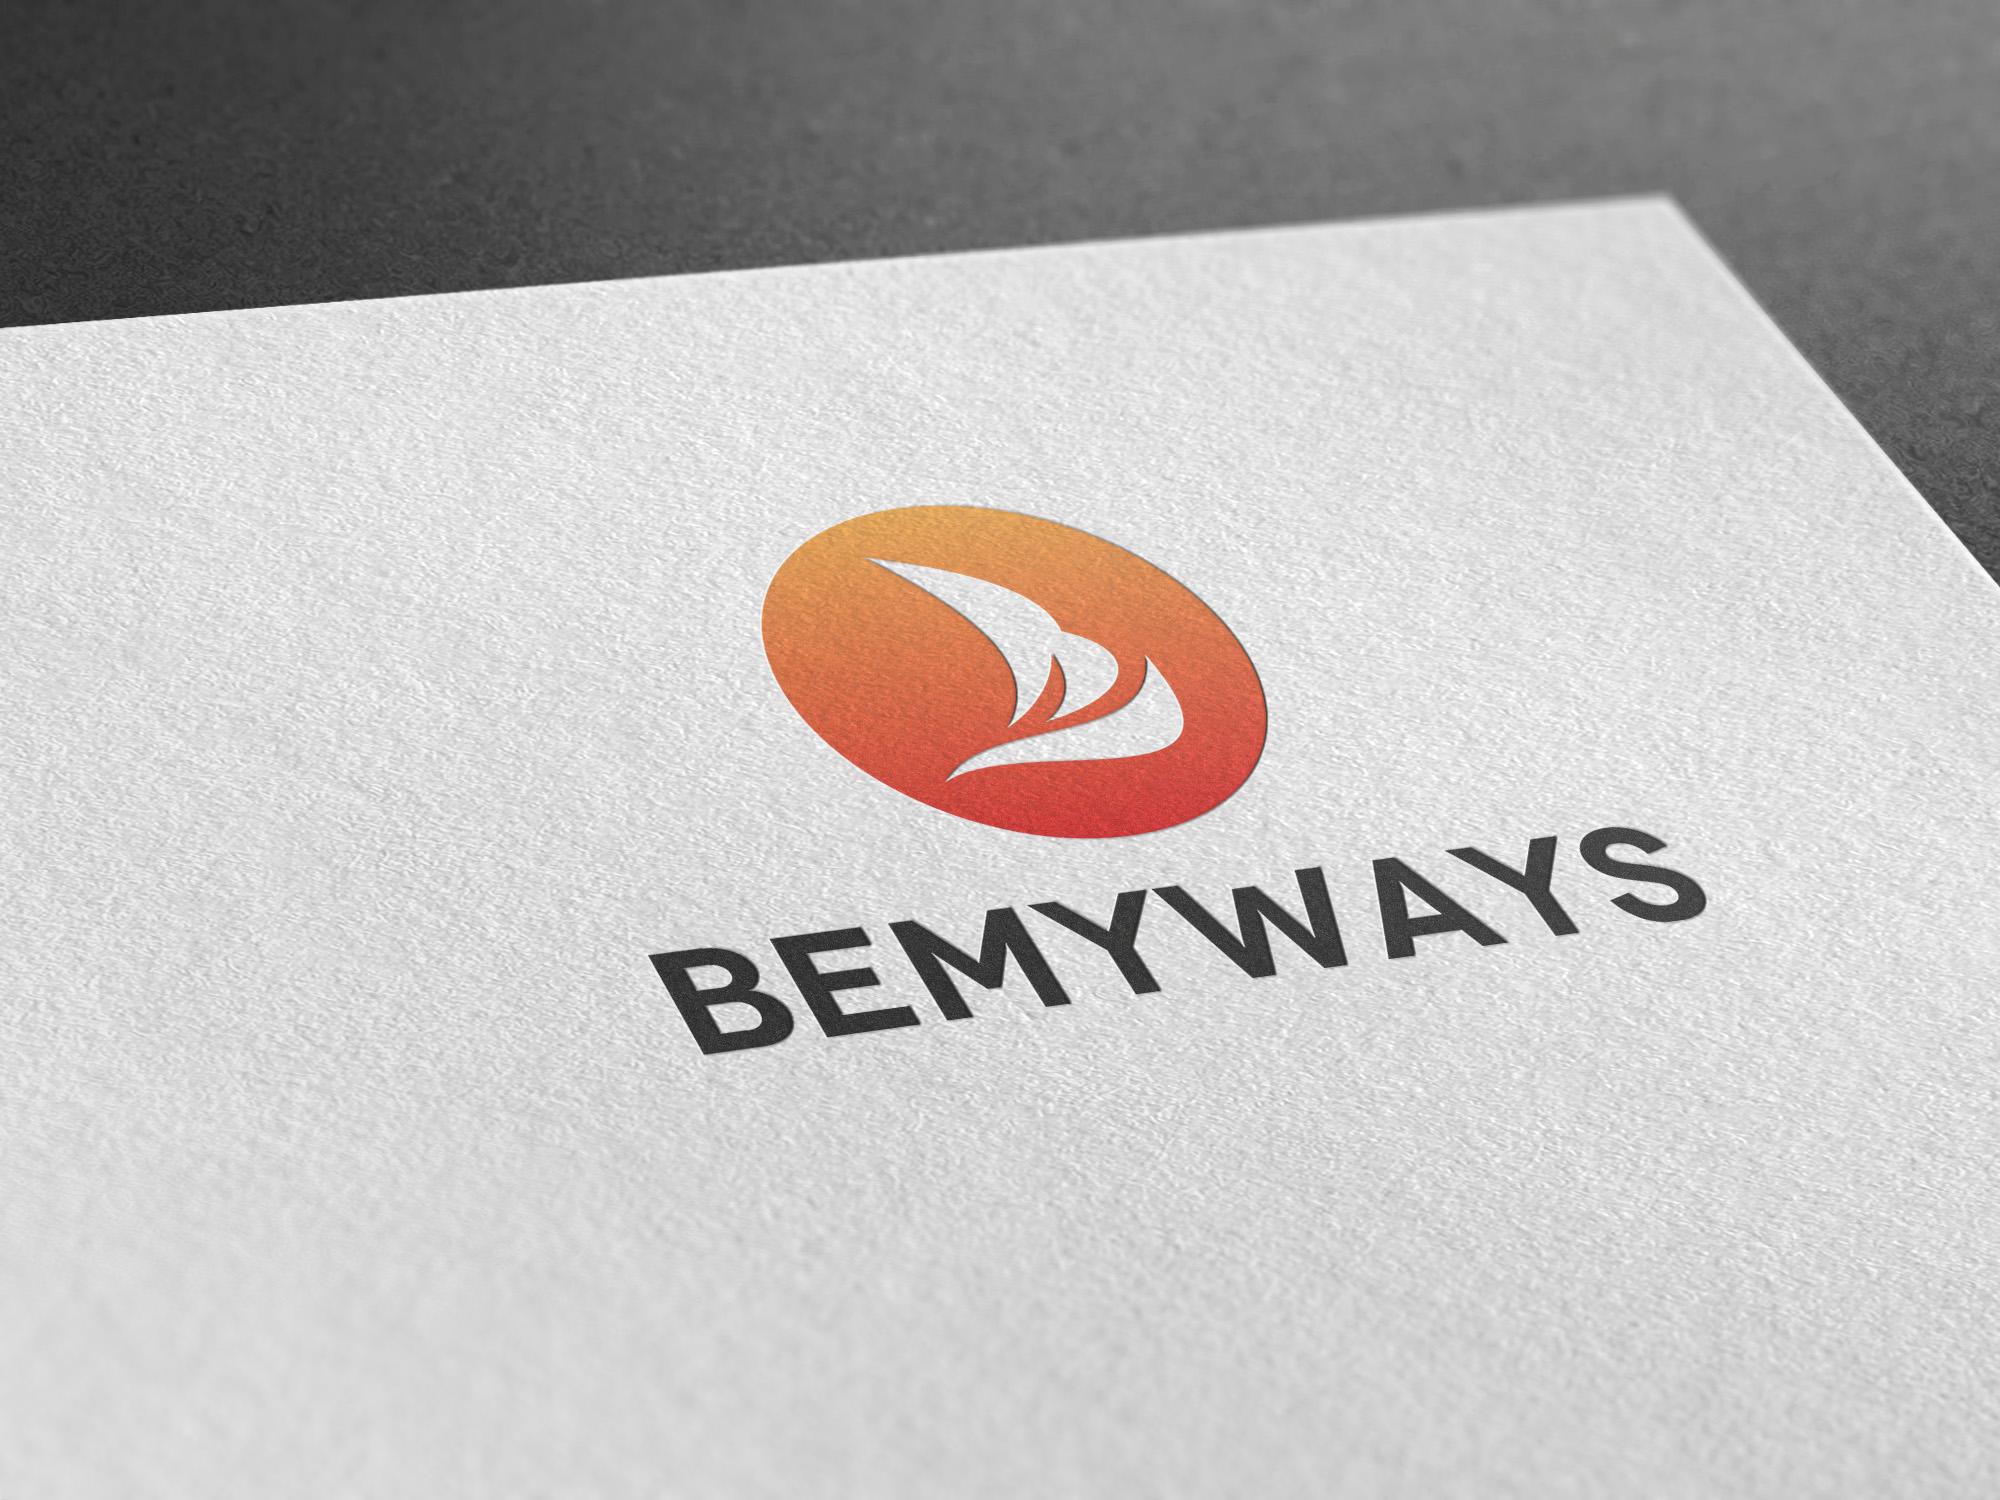 Разработка логотипа и иконки для Travel Video Platform фото f_3115c36c6a617fd5.jpg